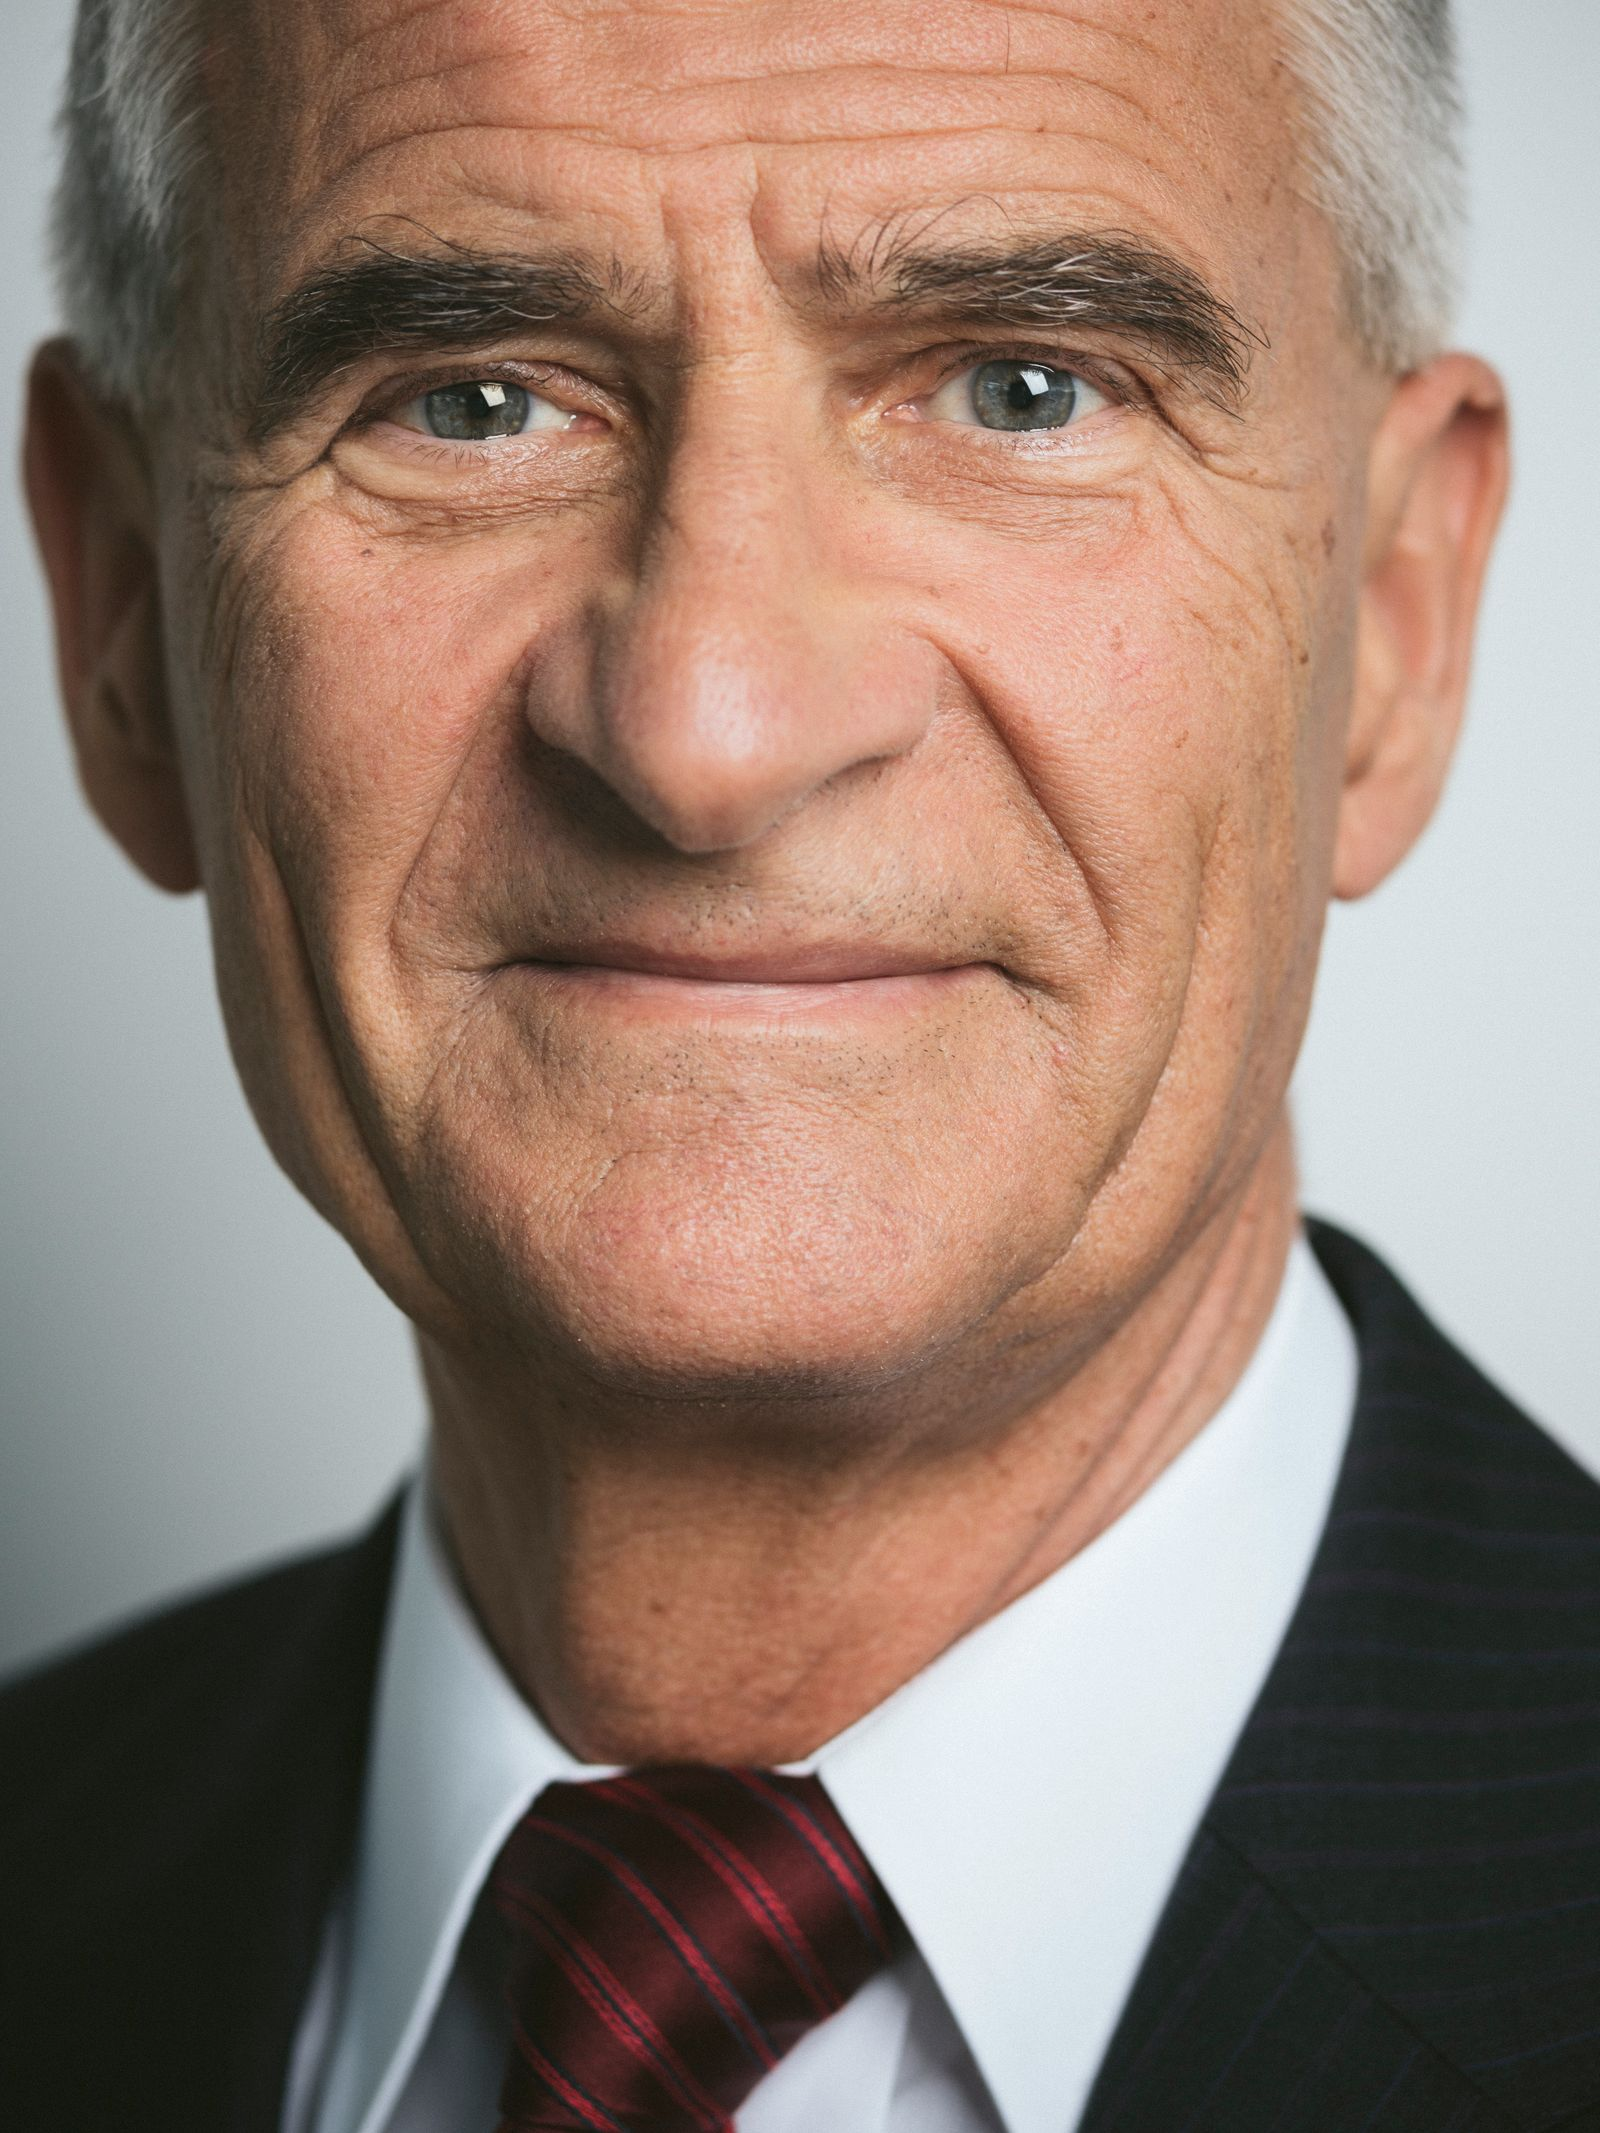 EINMALIGE VERWENDUNG Jürgen Hambrecht, ehem. CEO, BASF